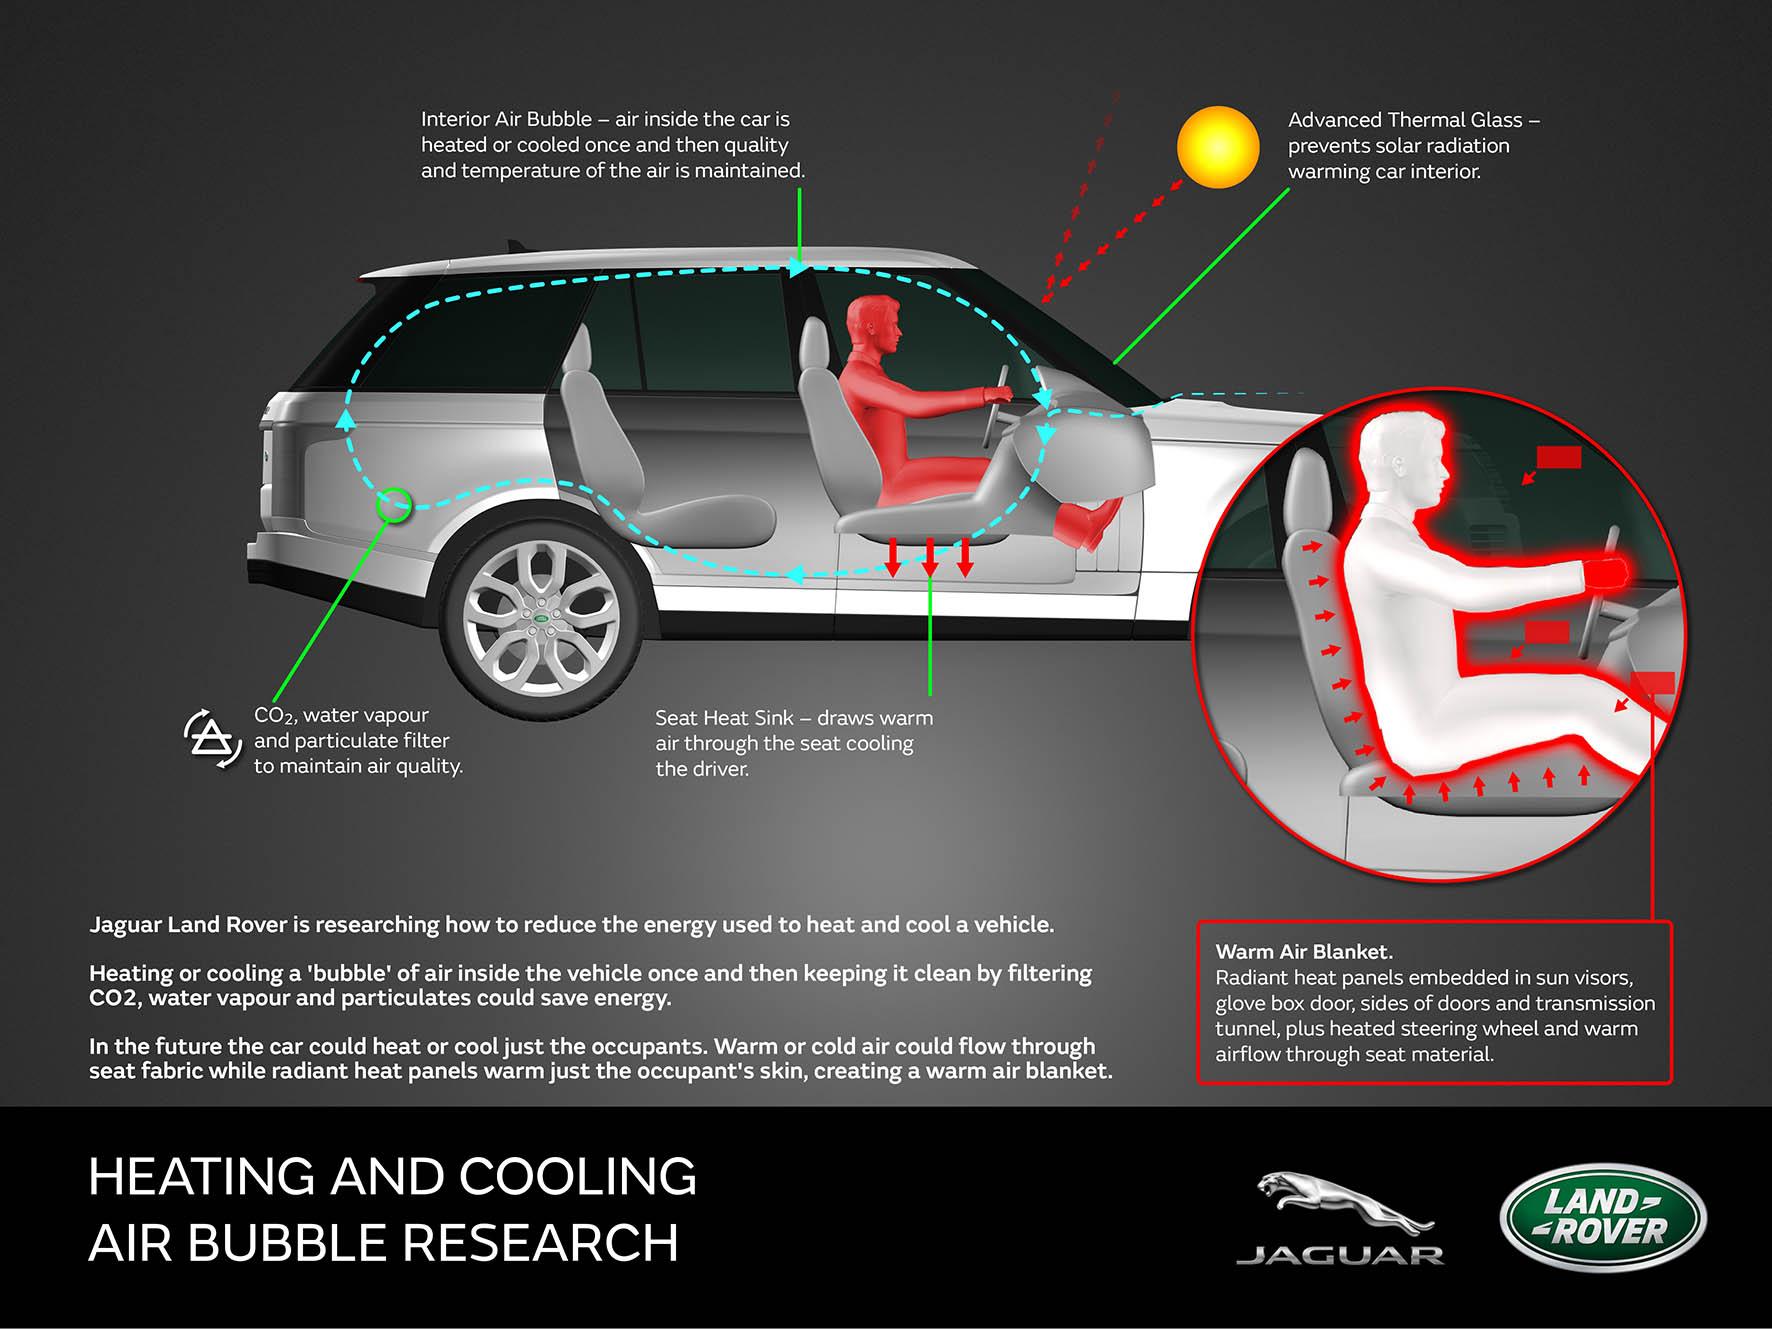 Een filter in de ventilatie-uitlaat achterin de auto vangt vocht en deeltjes weg, en laat CO2 door. Dus toch wat luchtverversing, omdat inzittenden nu eenmaal CO2 uitademen en transpireren.